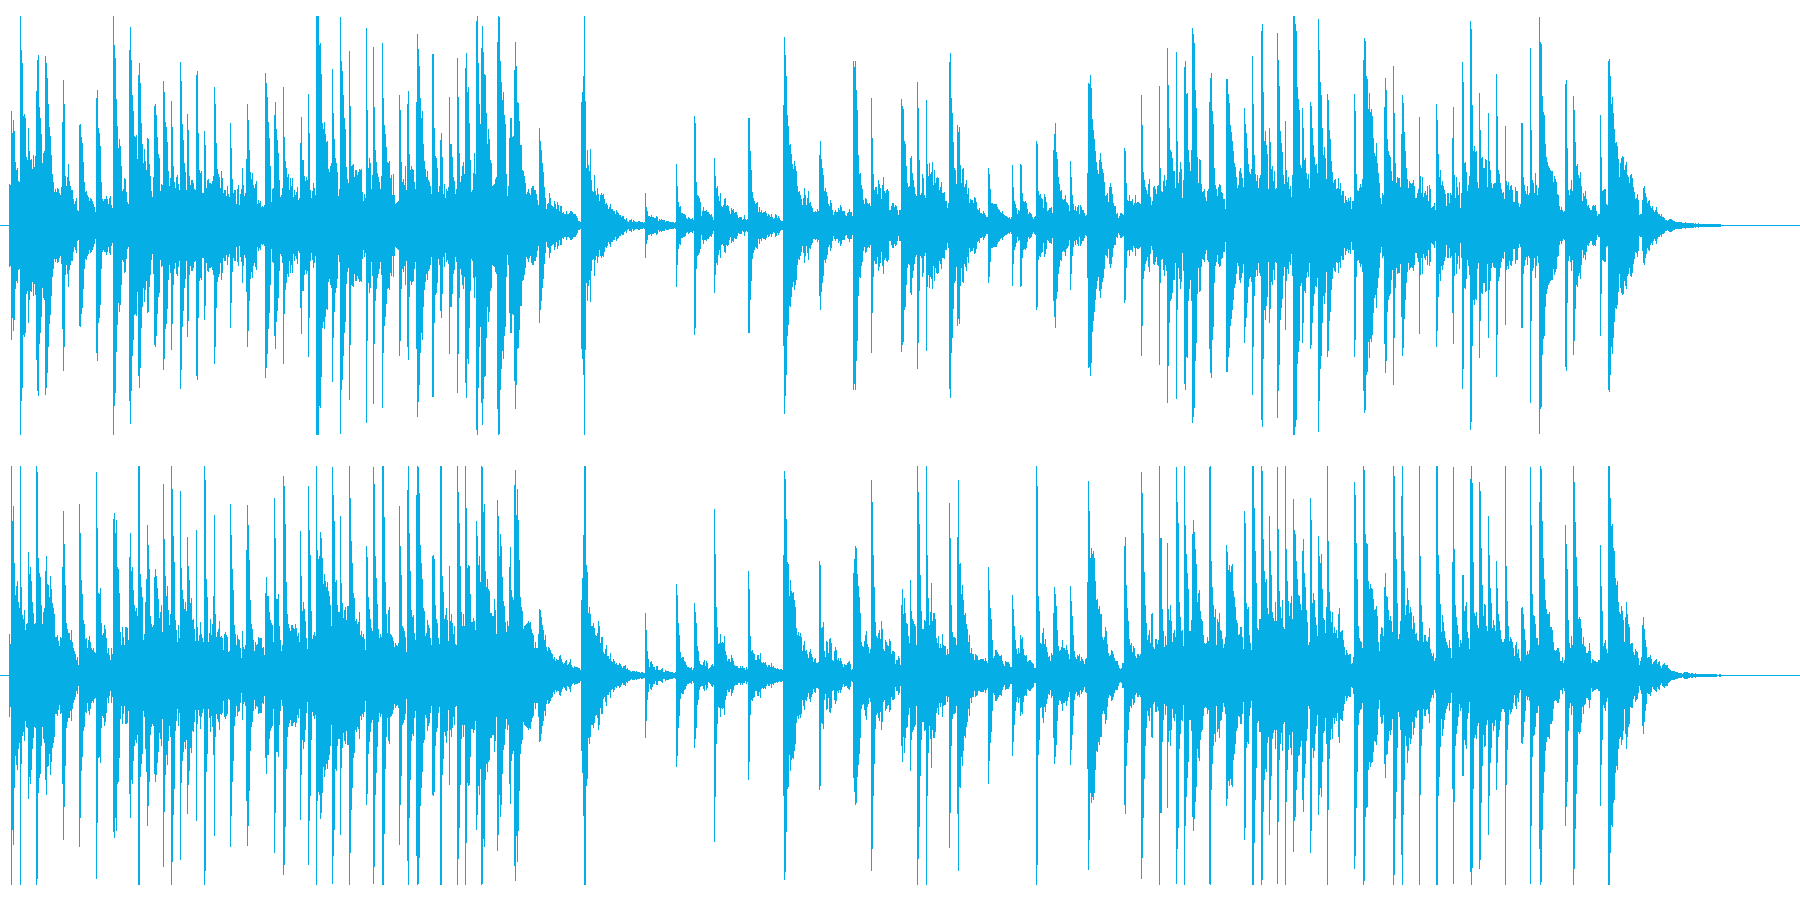 高音が綺麗な静かで感動的なピアノソロの再生済みの波形